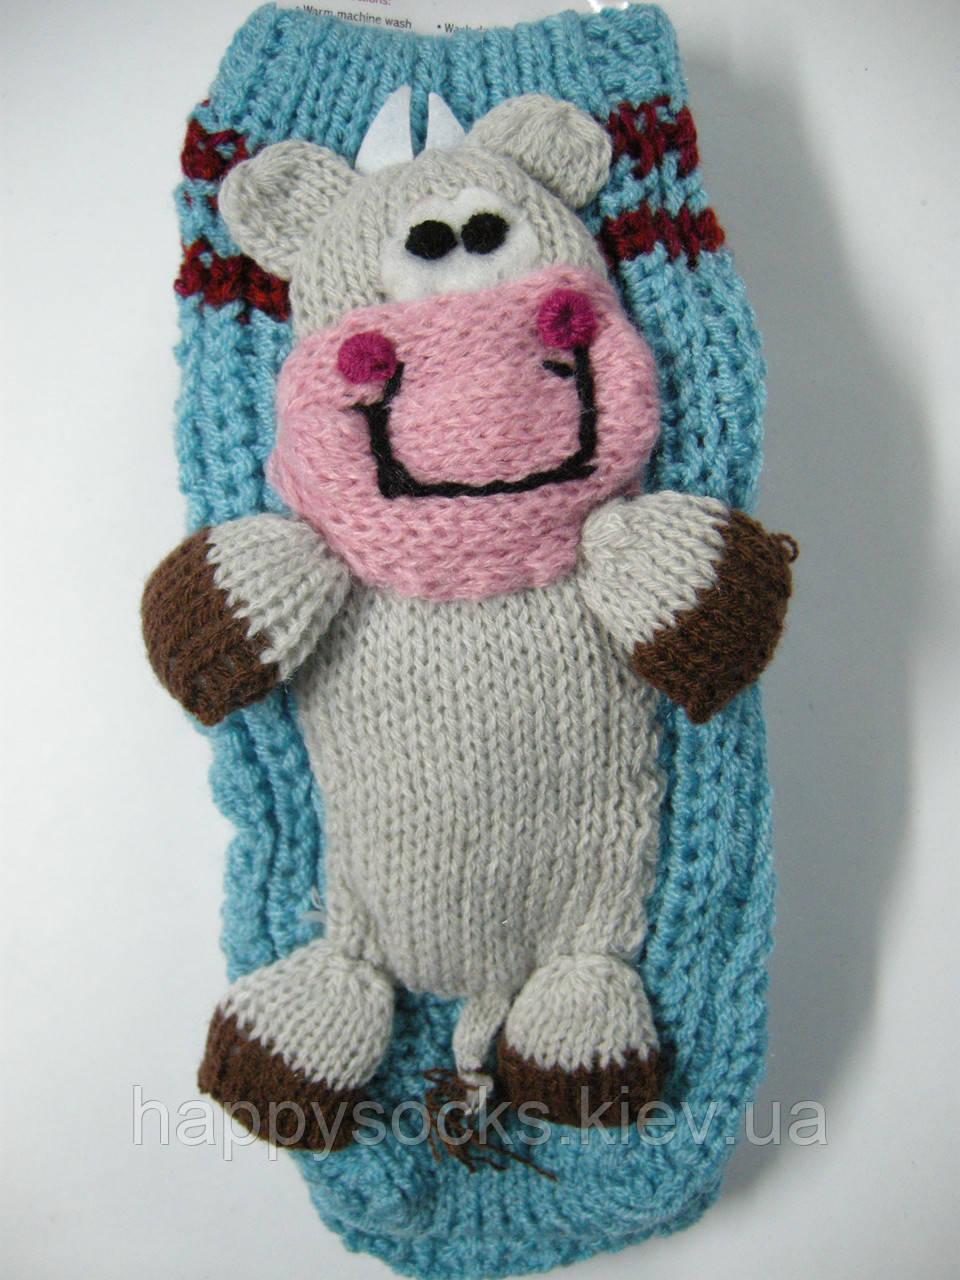 Носки домашние вязанные детские с 3-Д игрушкой